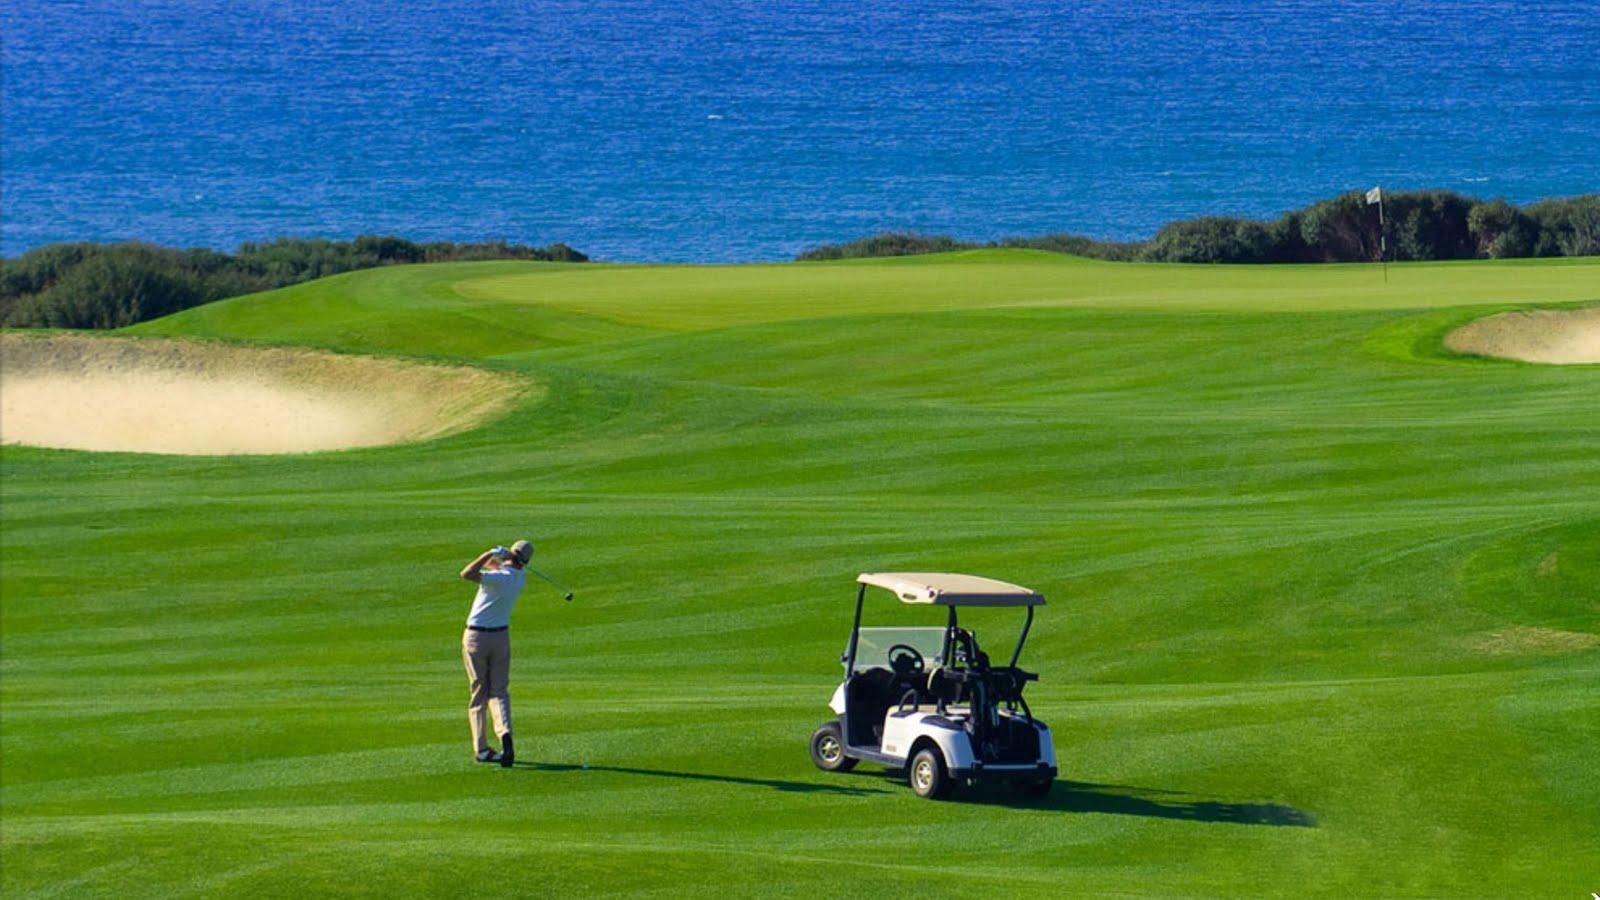 Quản lý sân golf hiệu quả với thiết bị bộ đàm cầm tay